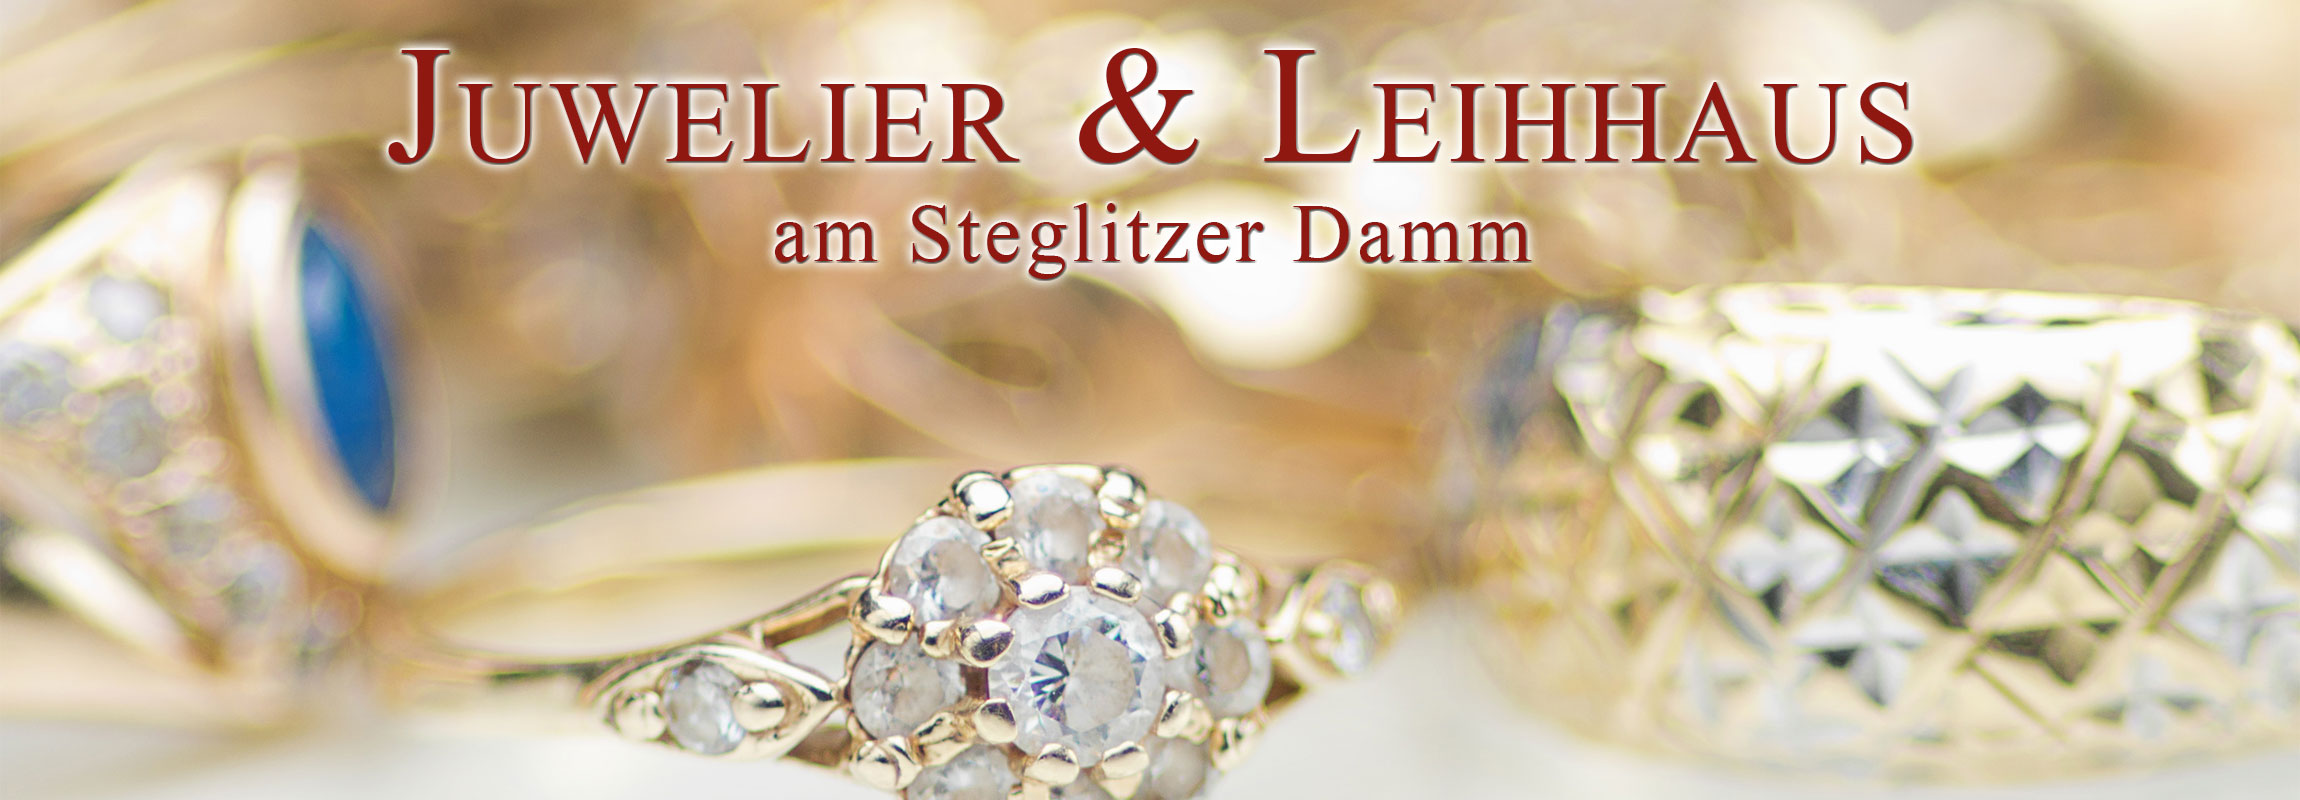 Leihhaus Für Gold Schmuck Uhren Münzen Berlin Steglitz